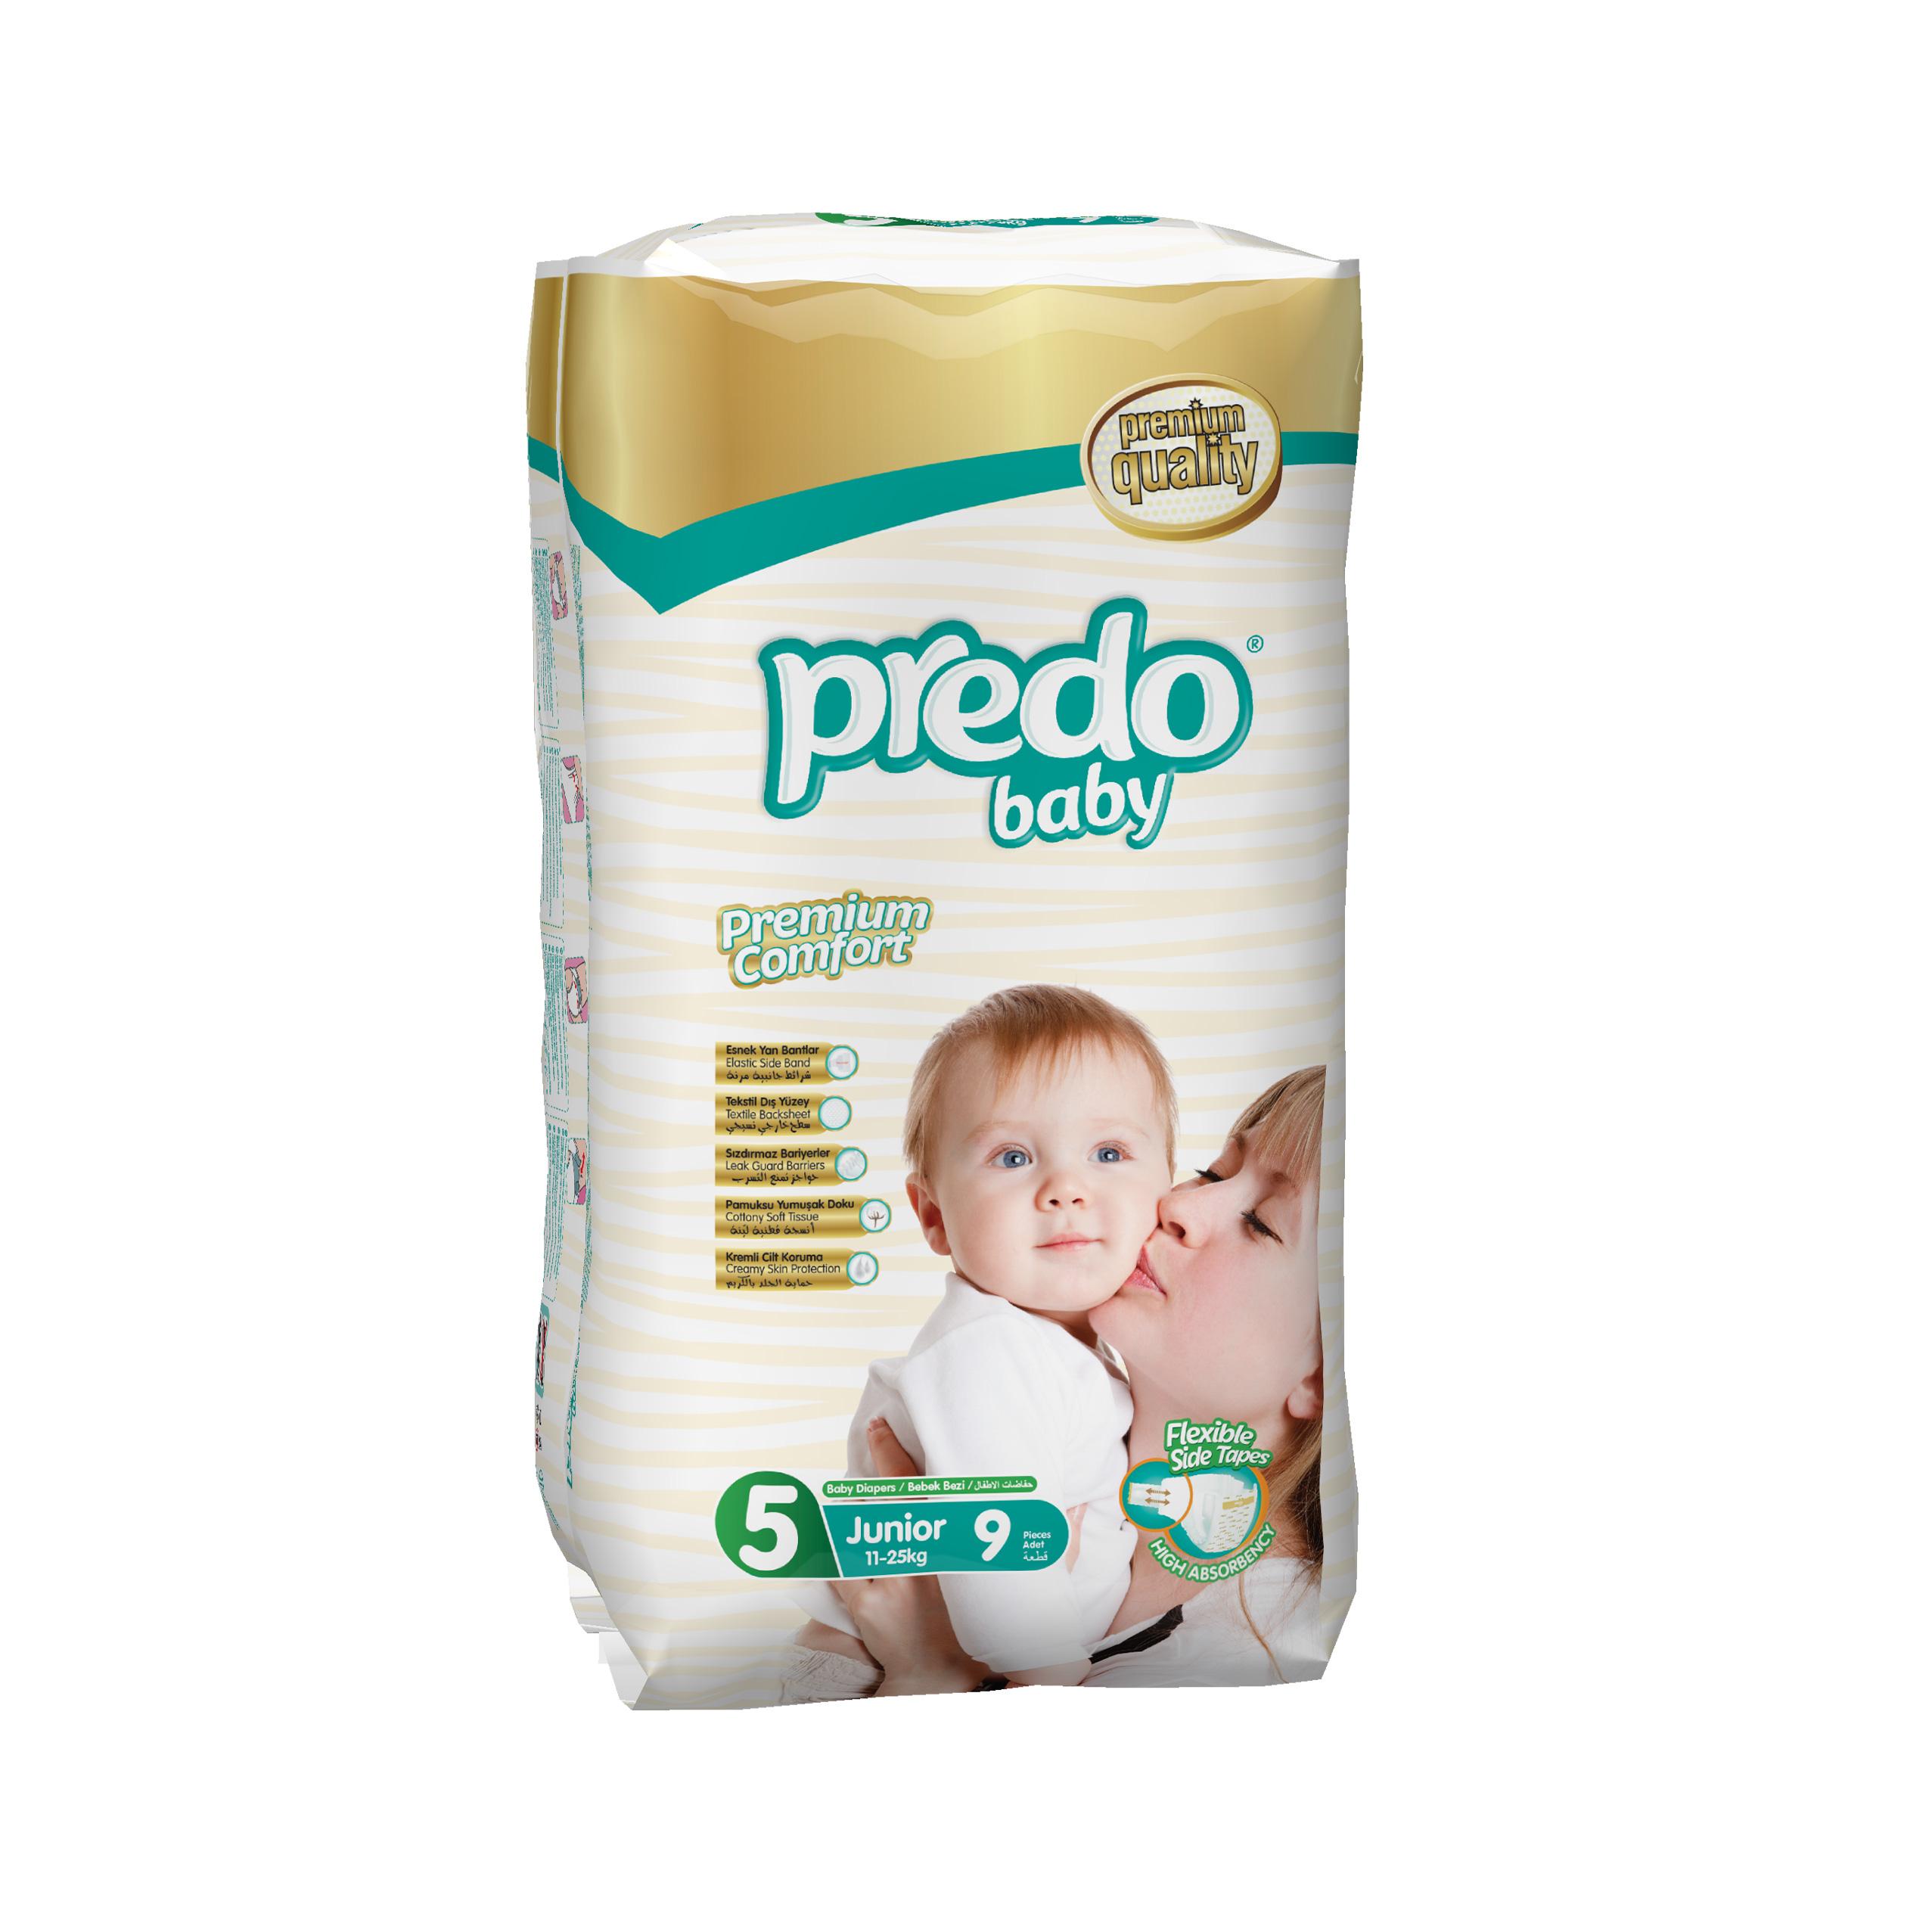 PREDO BABY PREMIUM COMFORT